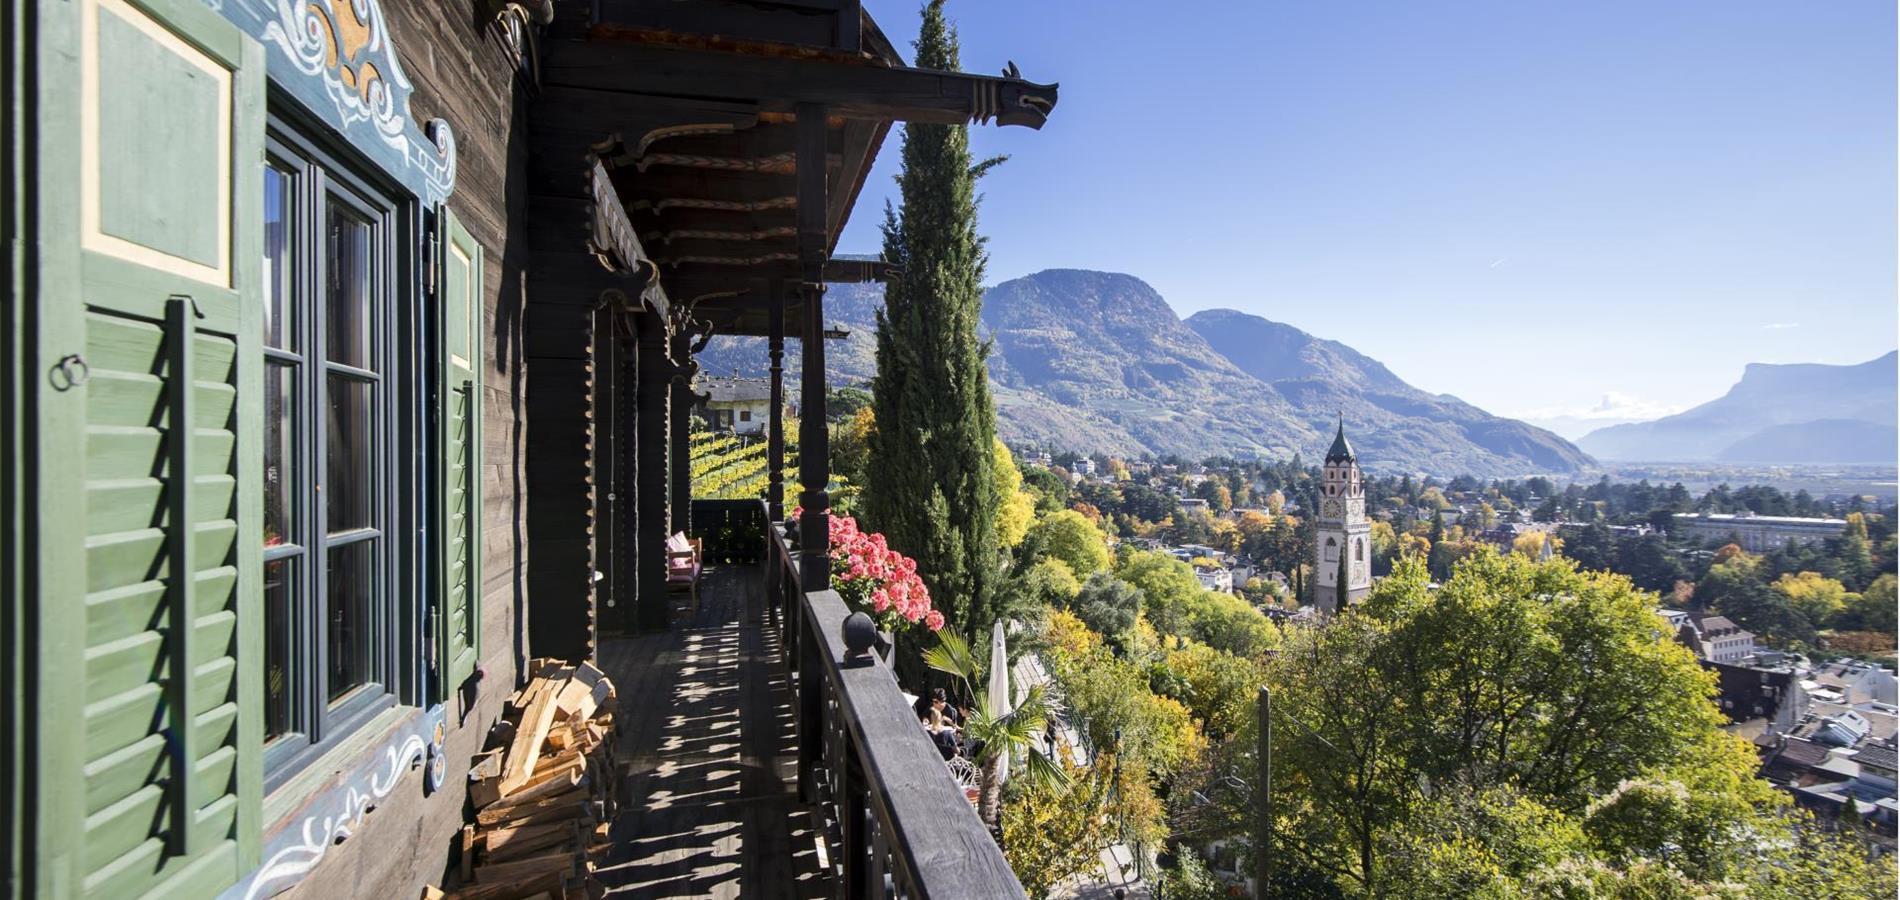 Sito ufficiale per vacanze a Merano in Alto Adige